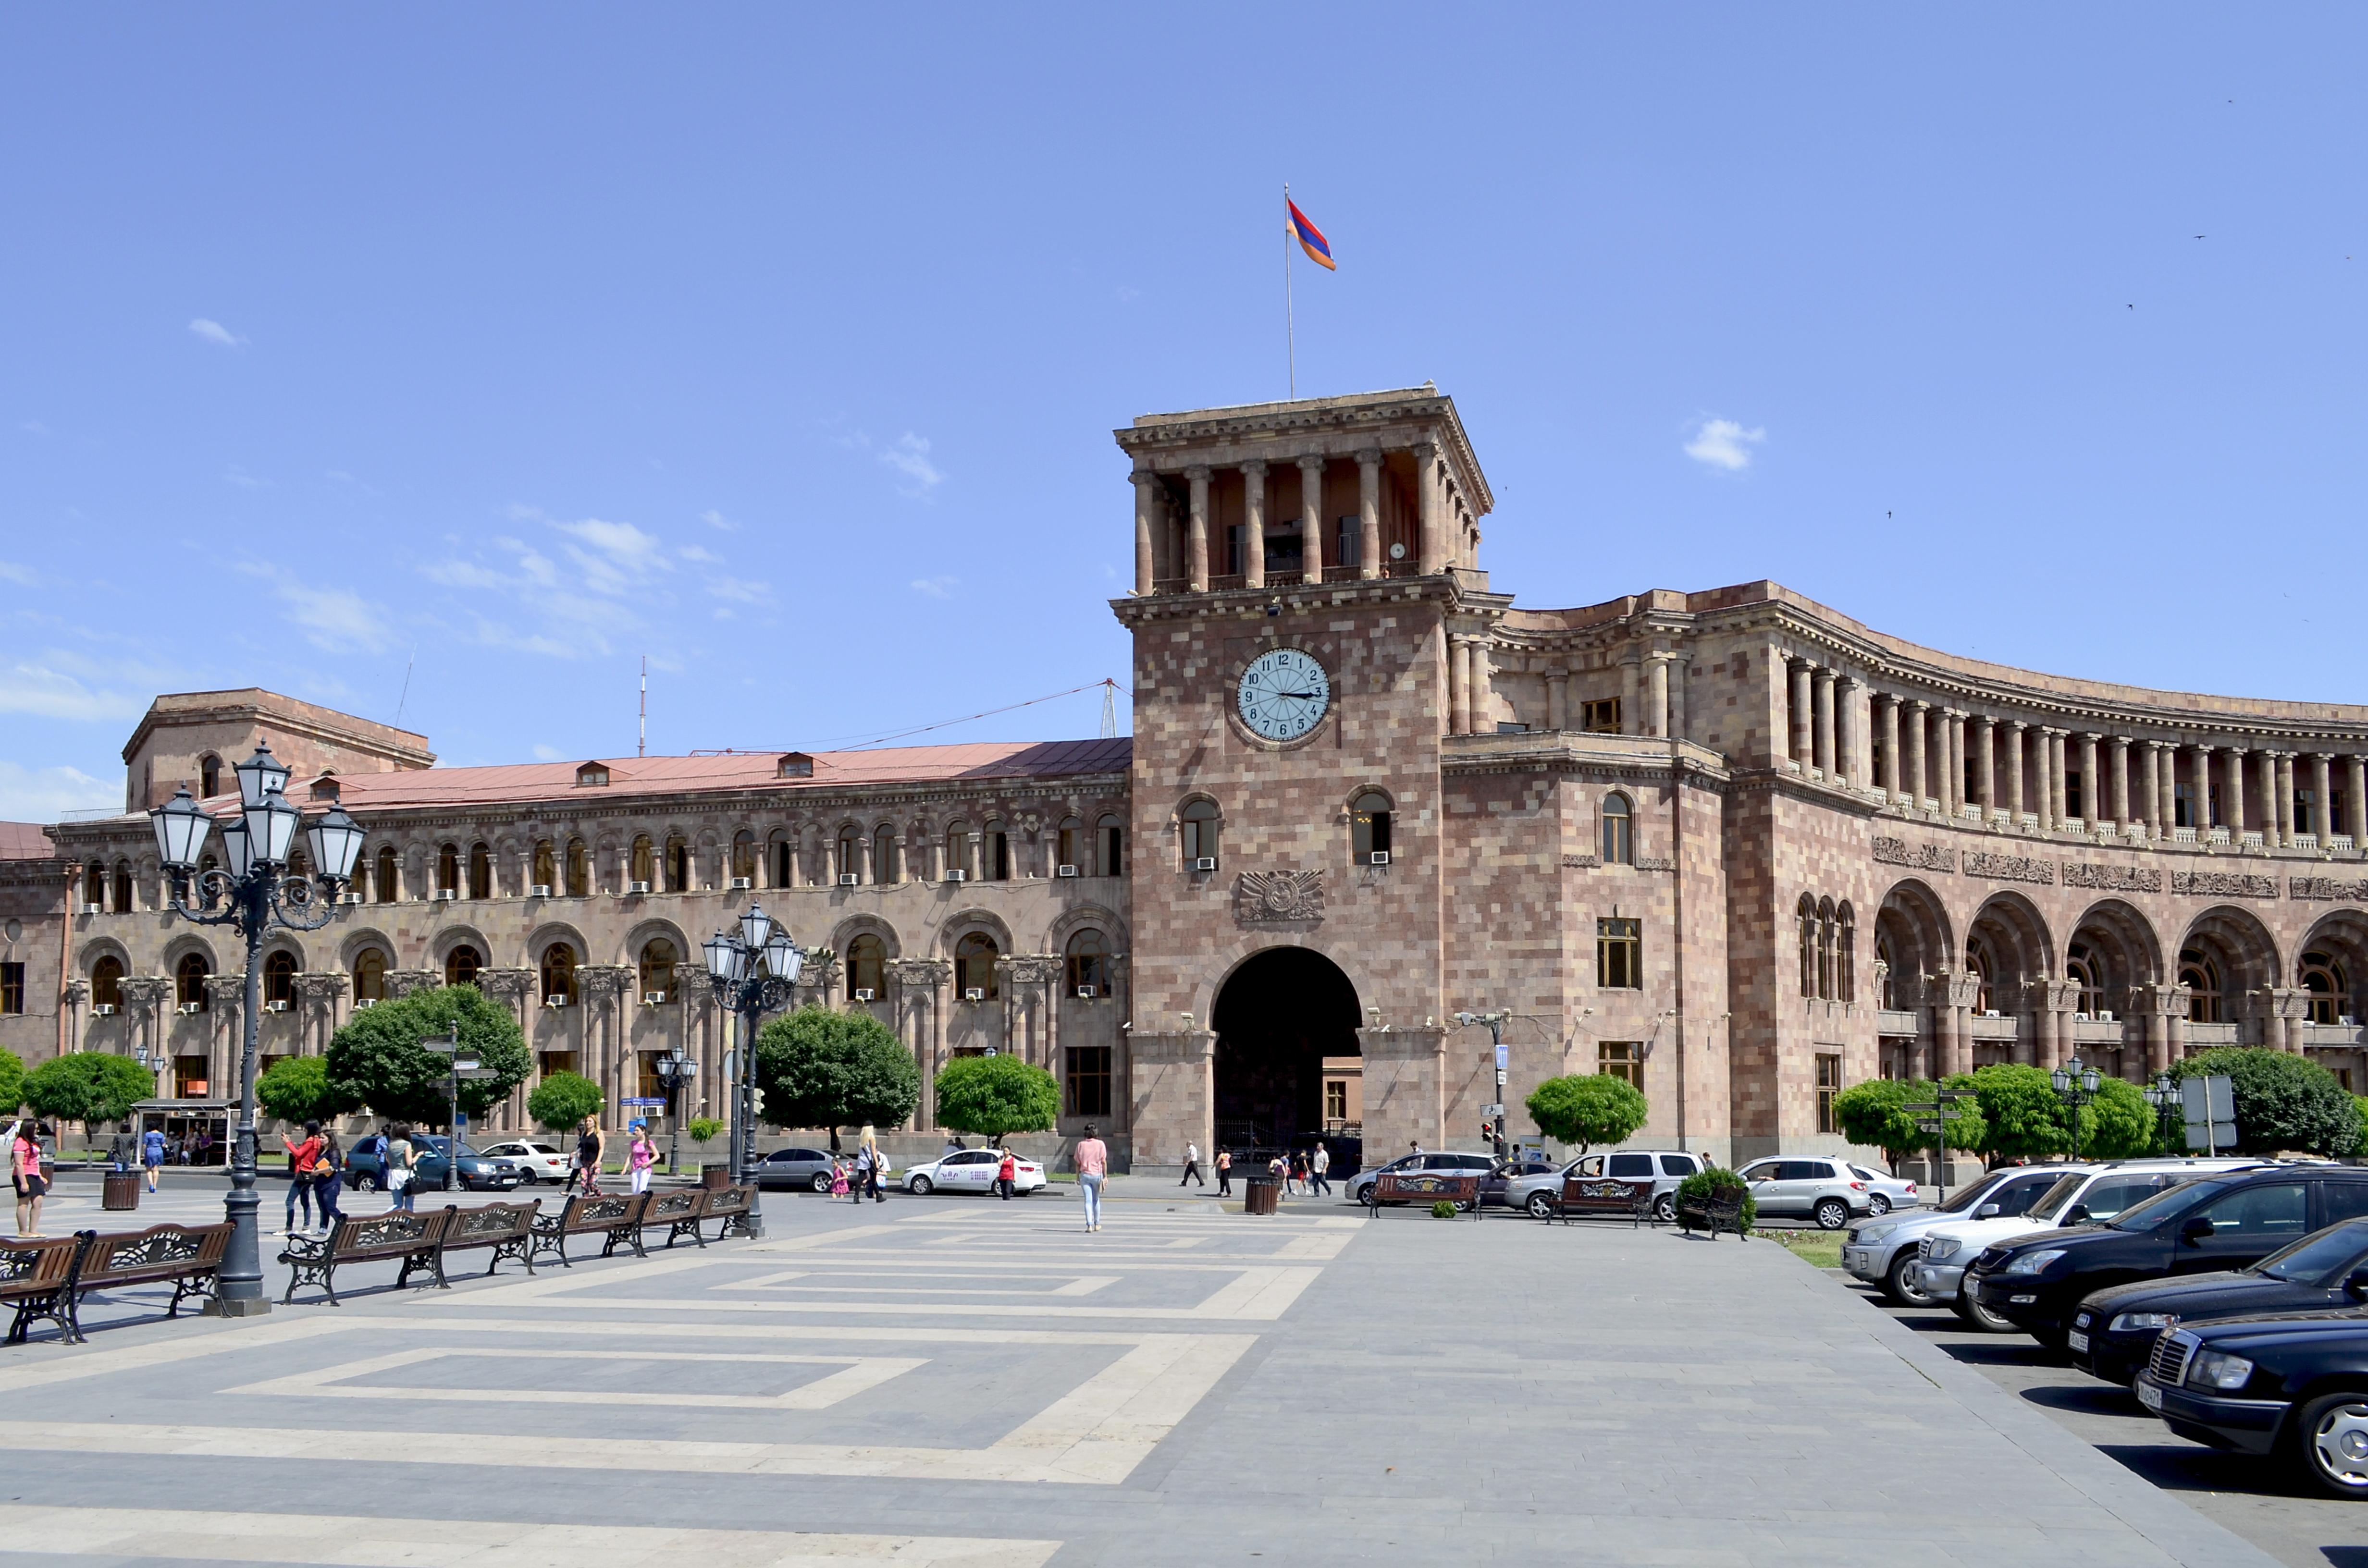 ՀՀ կառավարությունը ներկայացրել է հուլիսի գործունեության ամփոփումը